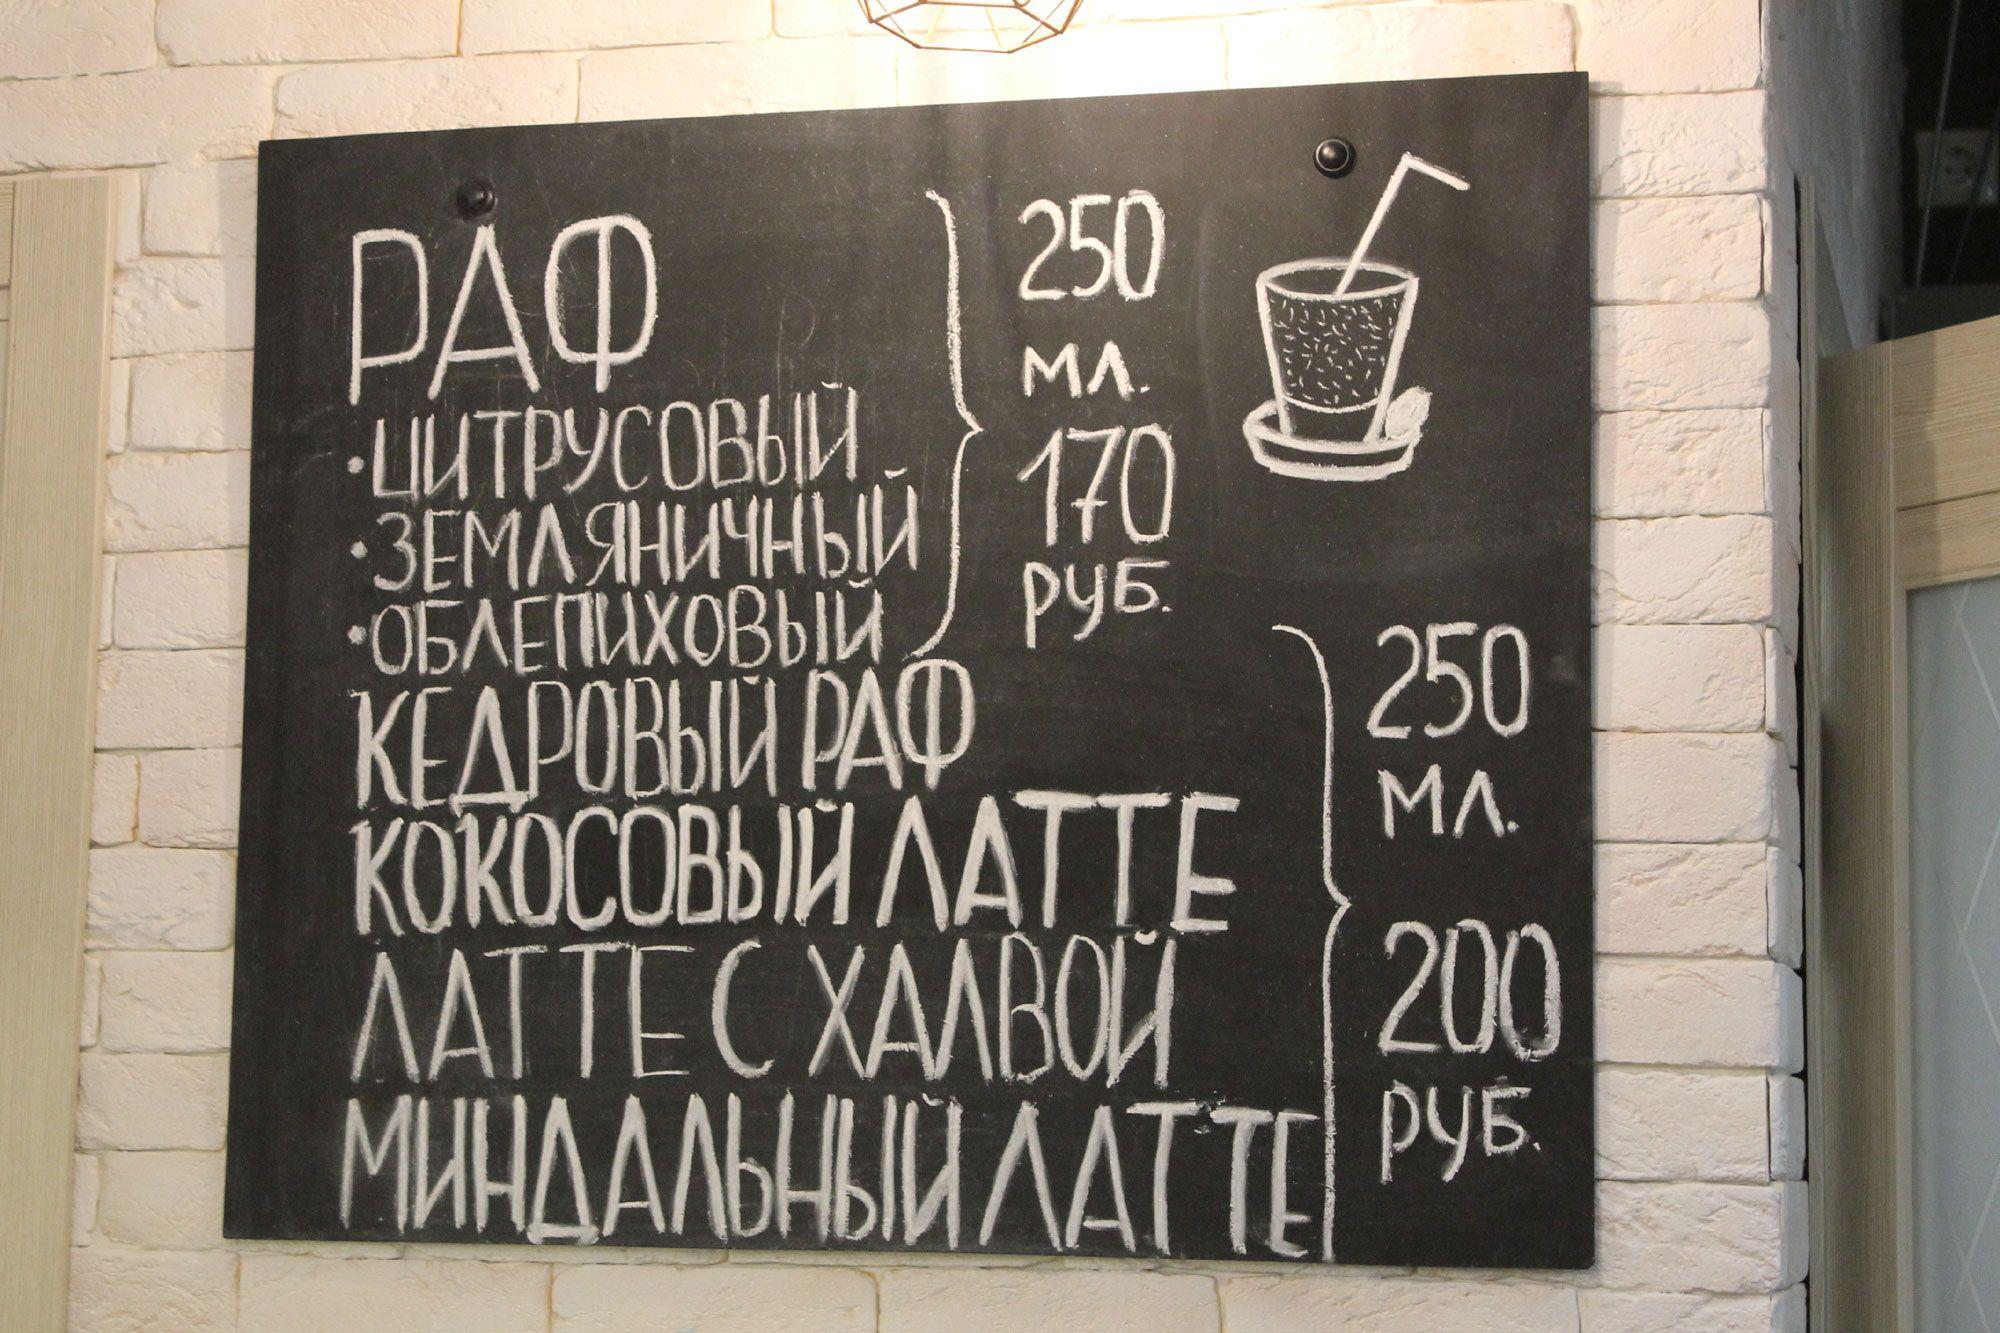 фабрика здоровой еды челябинск